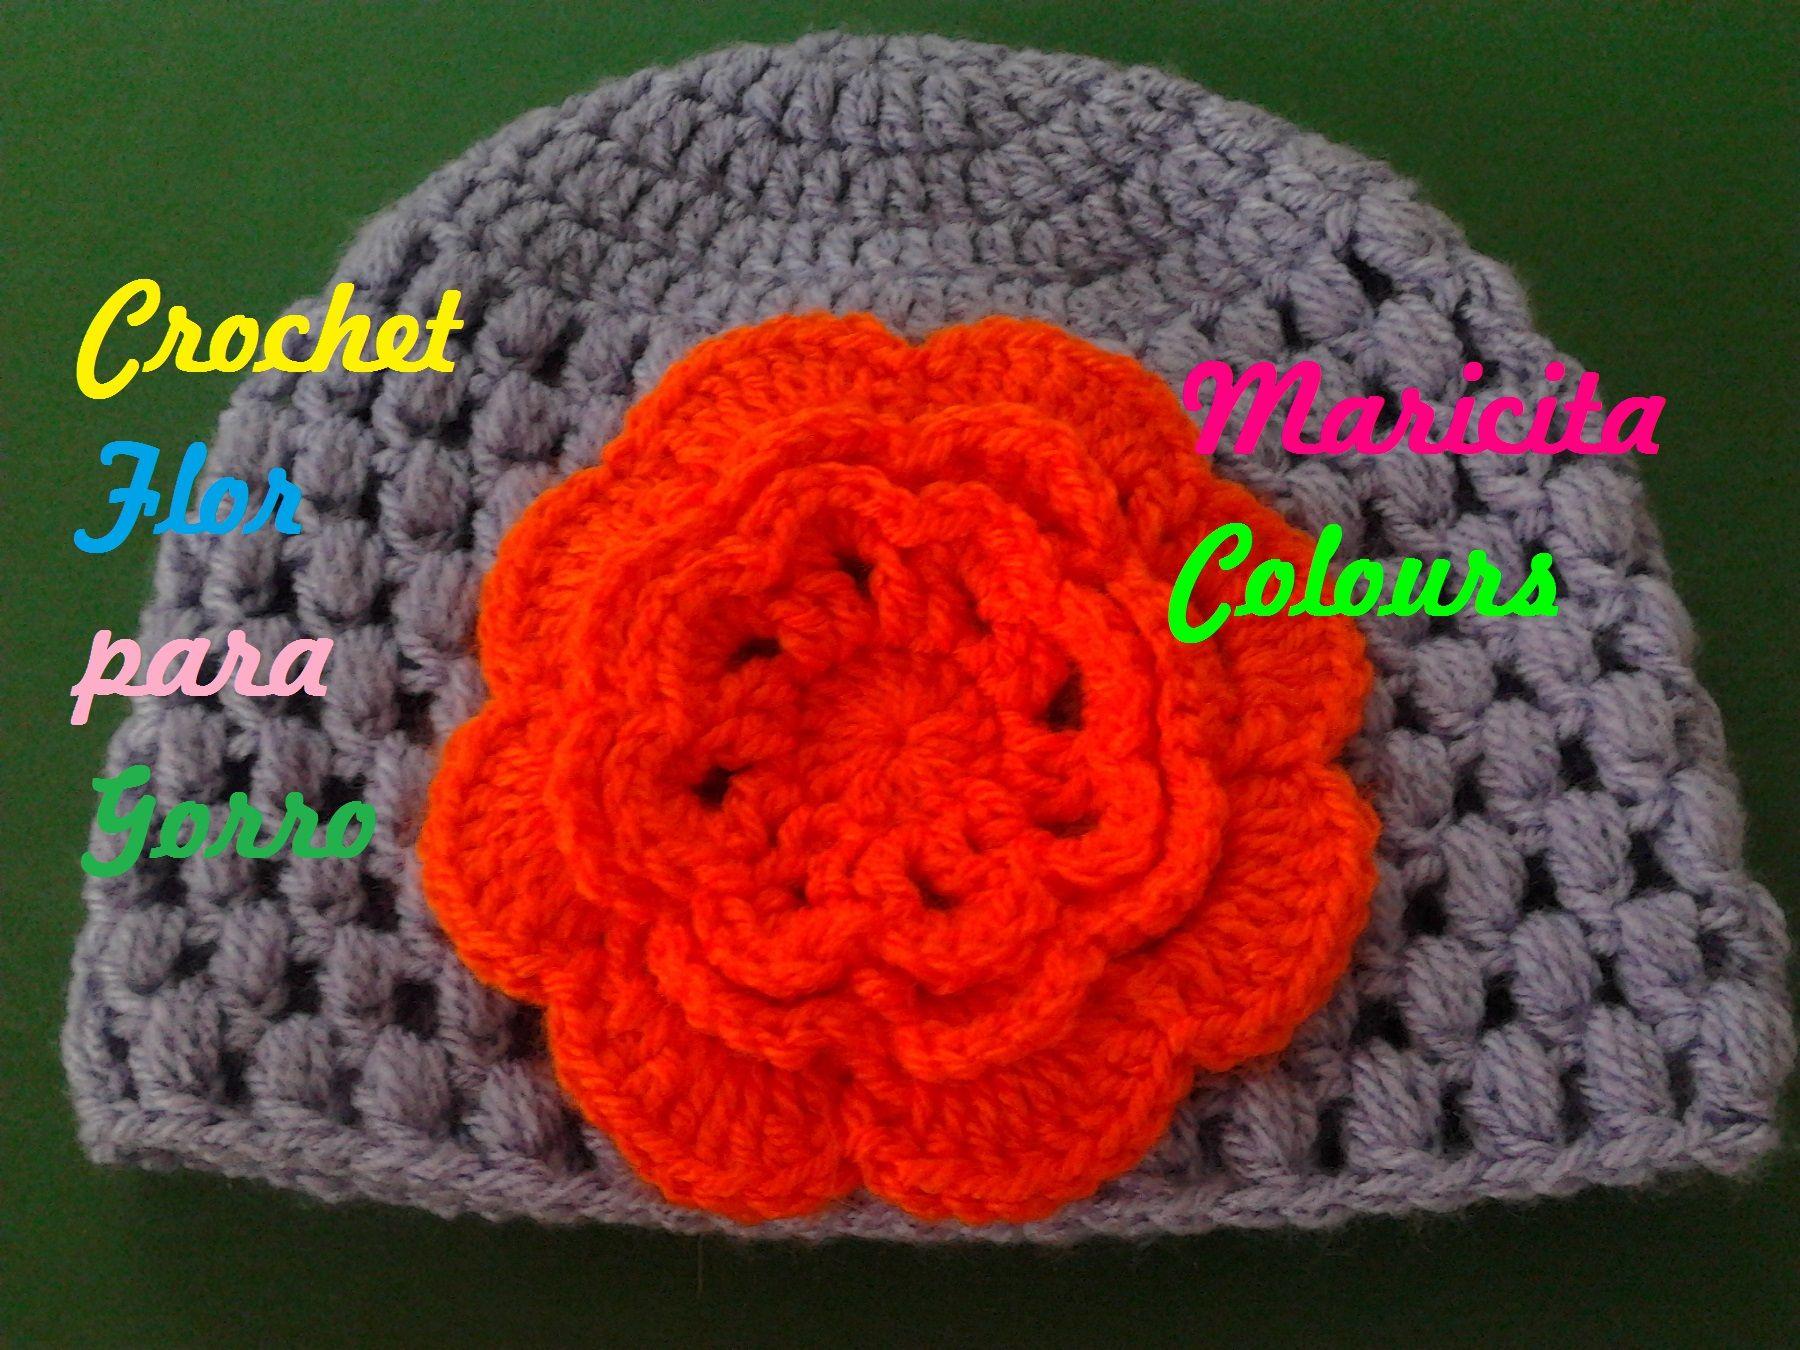 Crochet maricita colours flores gorros y aplicaciones - Aplicaciones en crochet ...